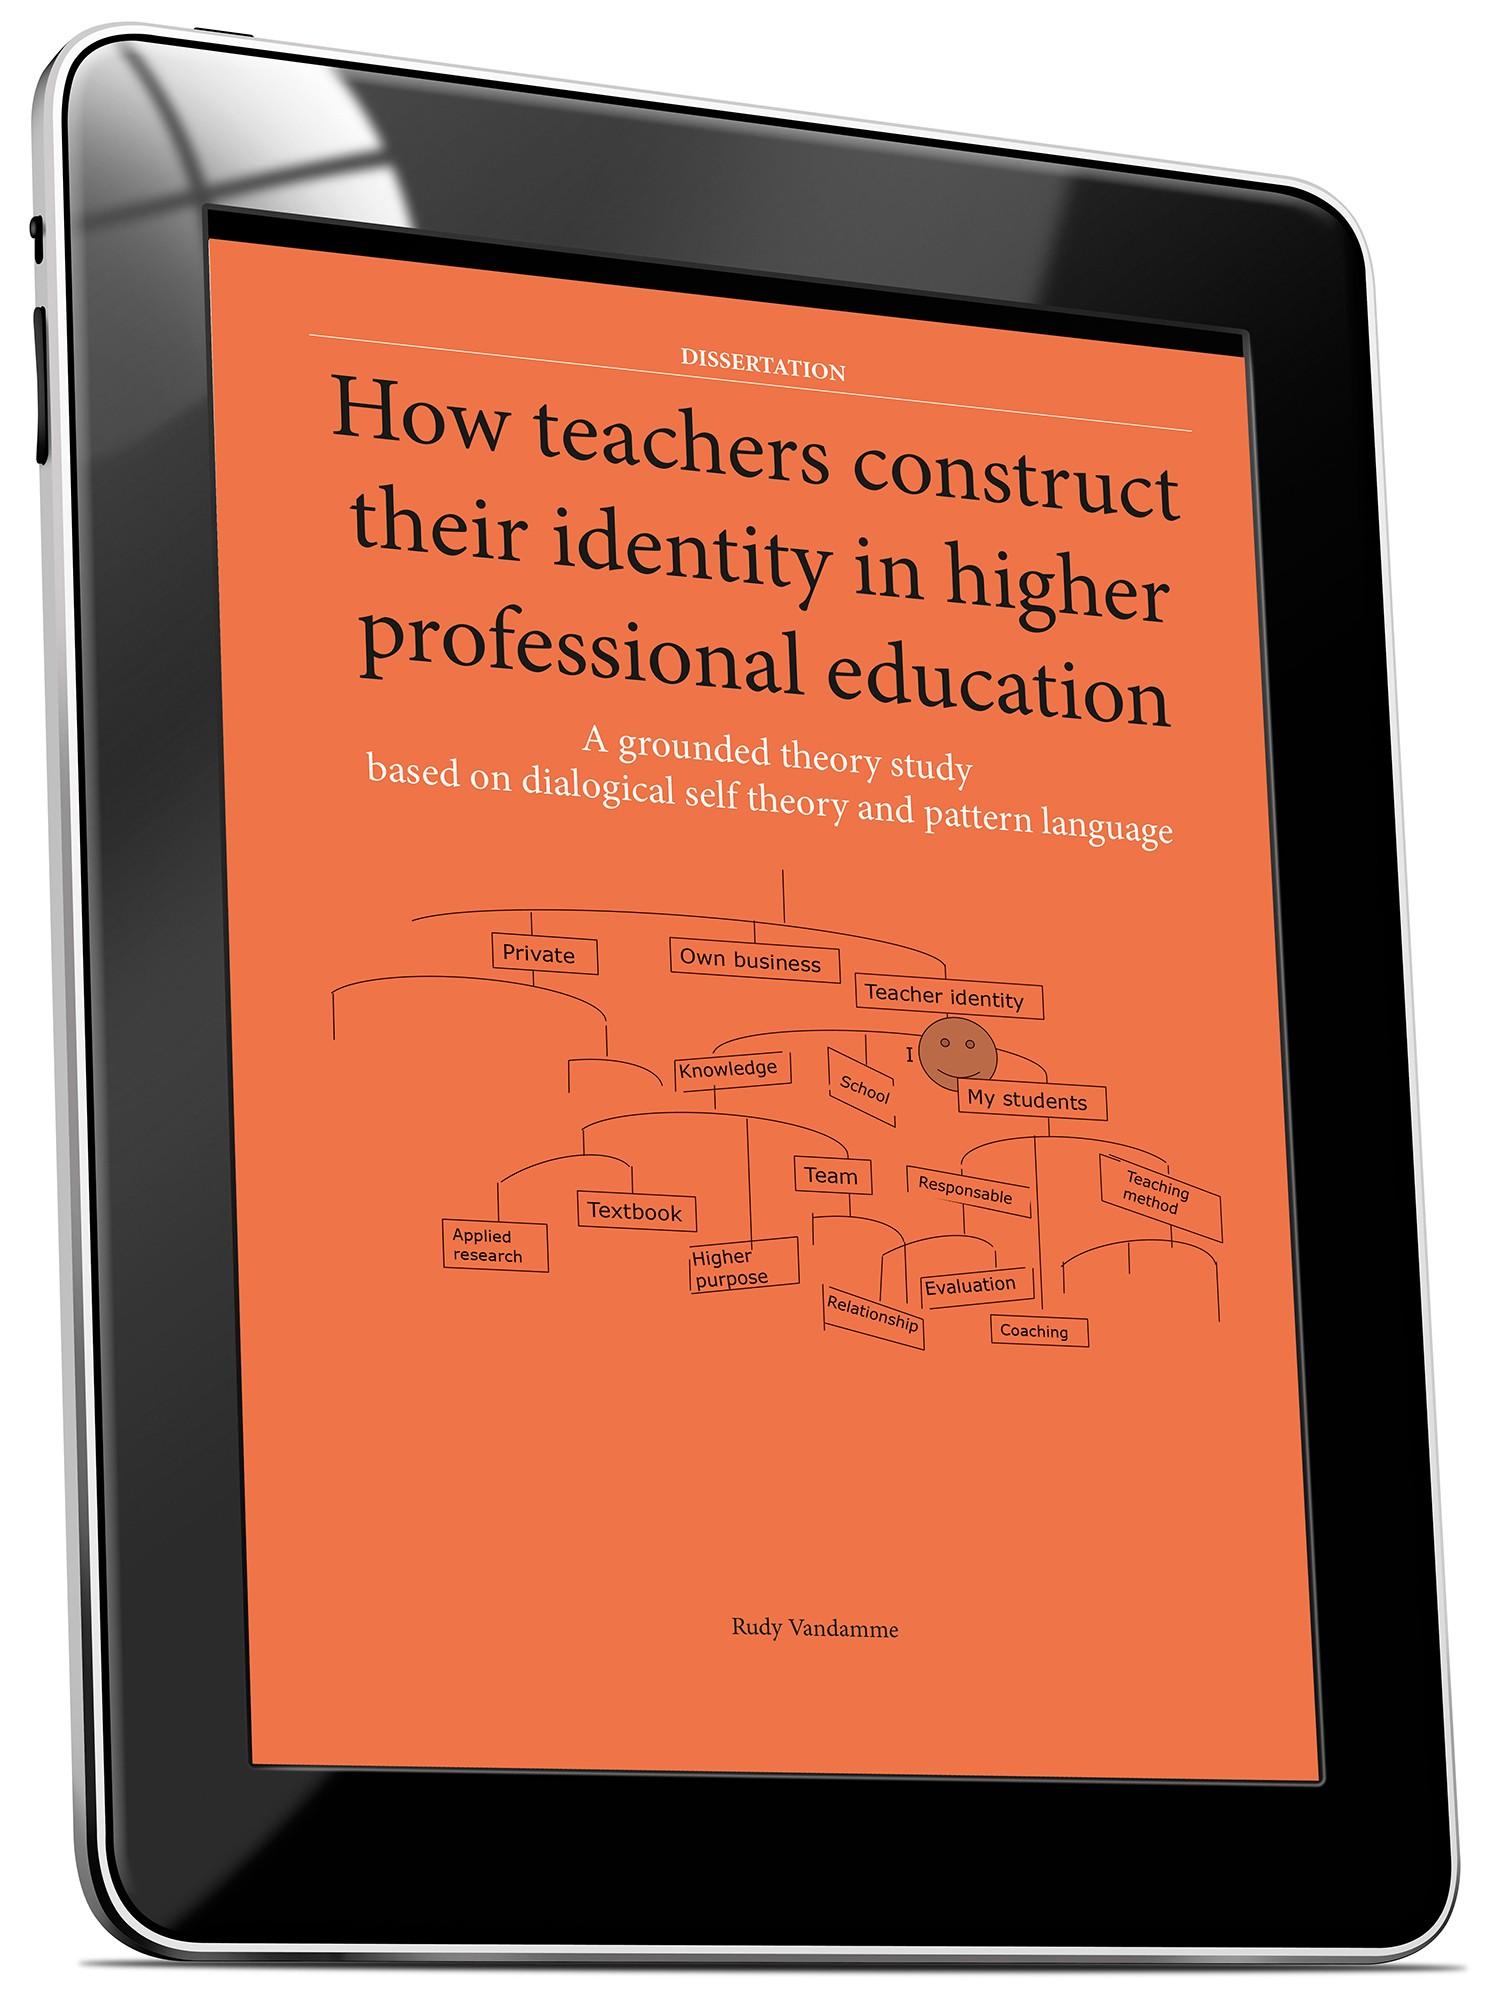 How teachers construct their identity